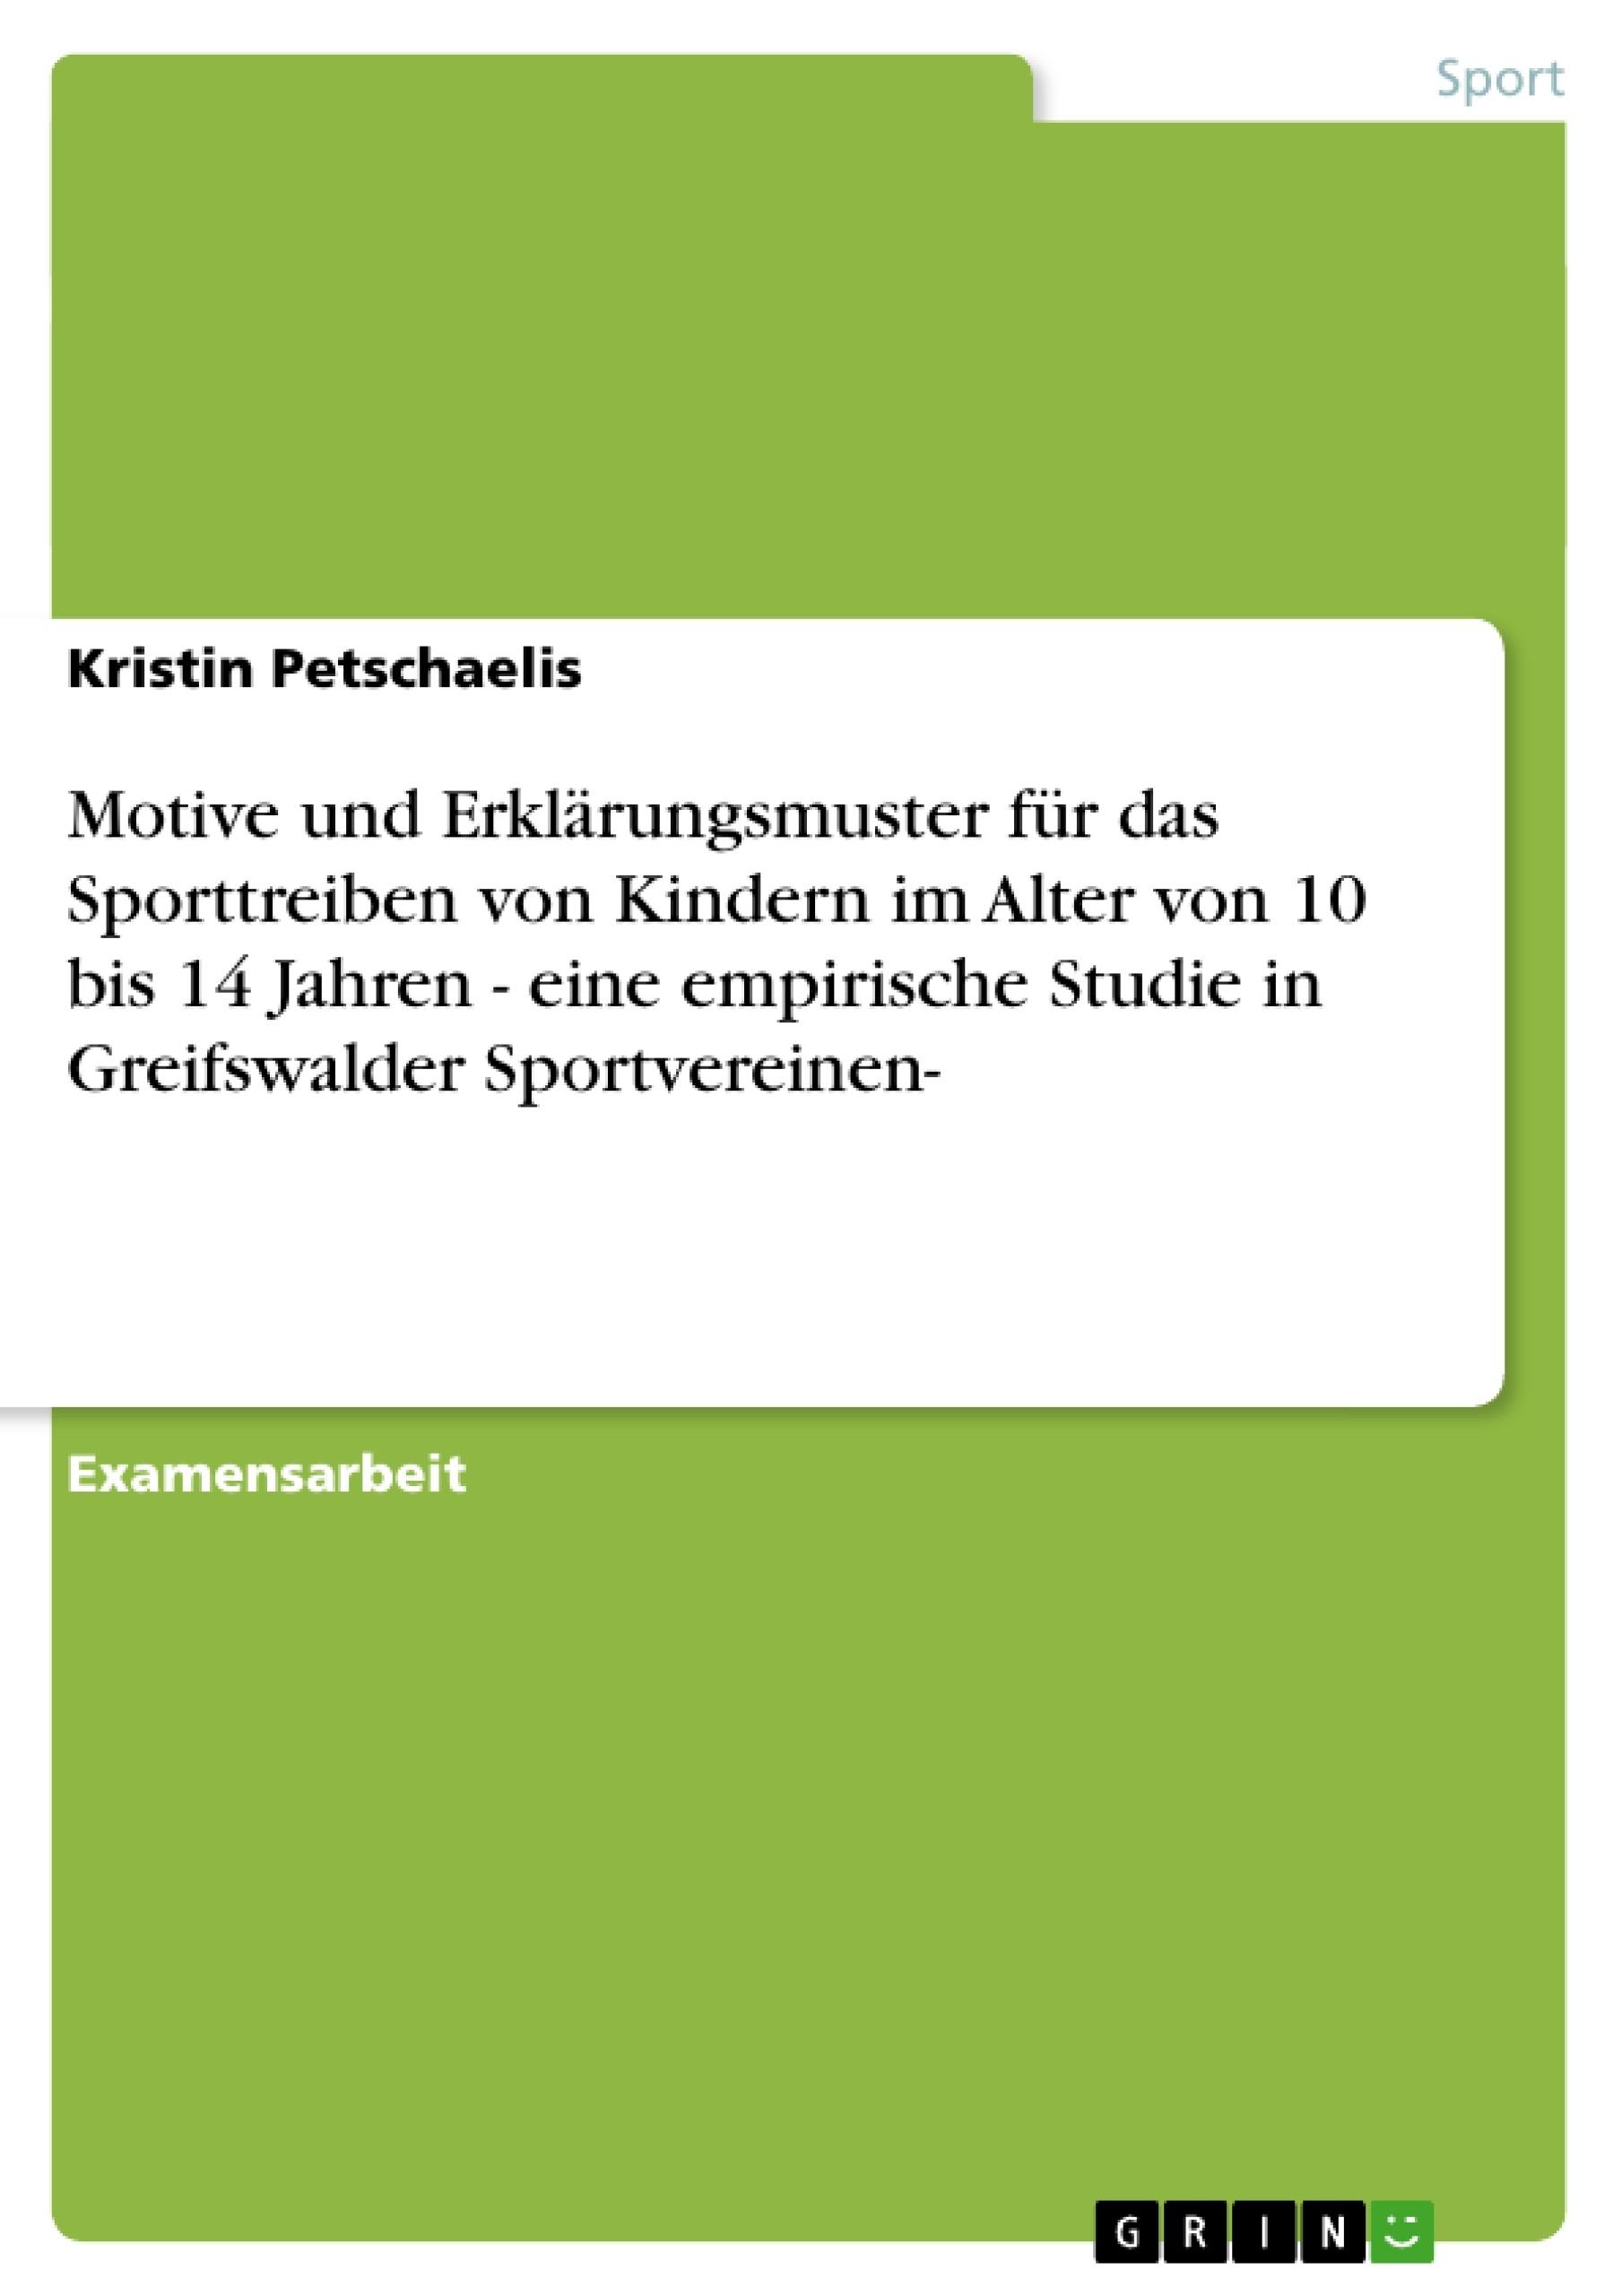 Titel: Motive und Erklärungsmuster für das Sporttreiben von Kindern im Alter von 10 bis 14 Jahren  - eine empirische Studie in Greifswalder Sportvereinen-